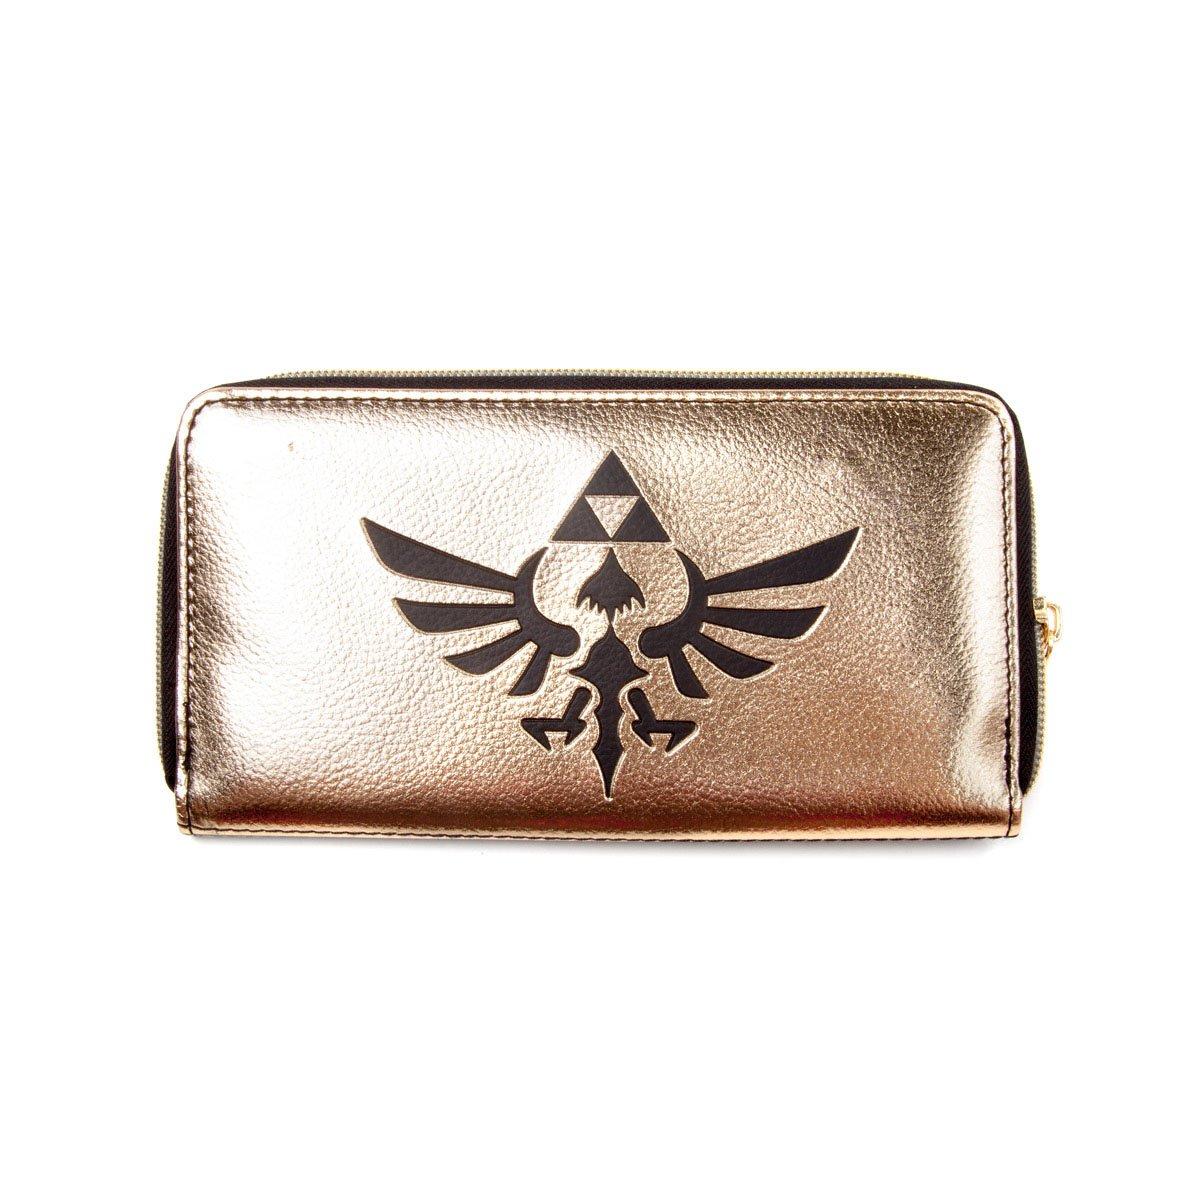 The Legend of Zelda Wallet Mirror